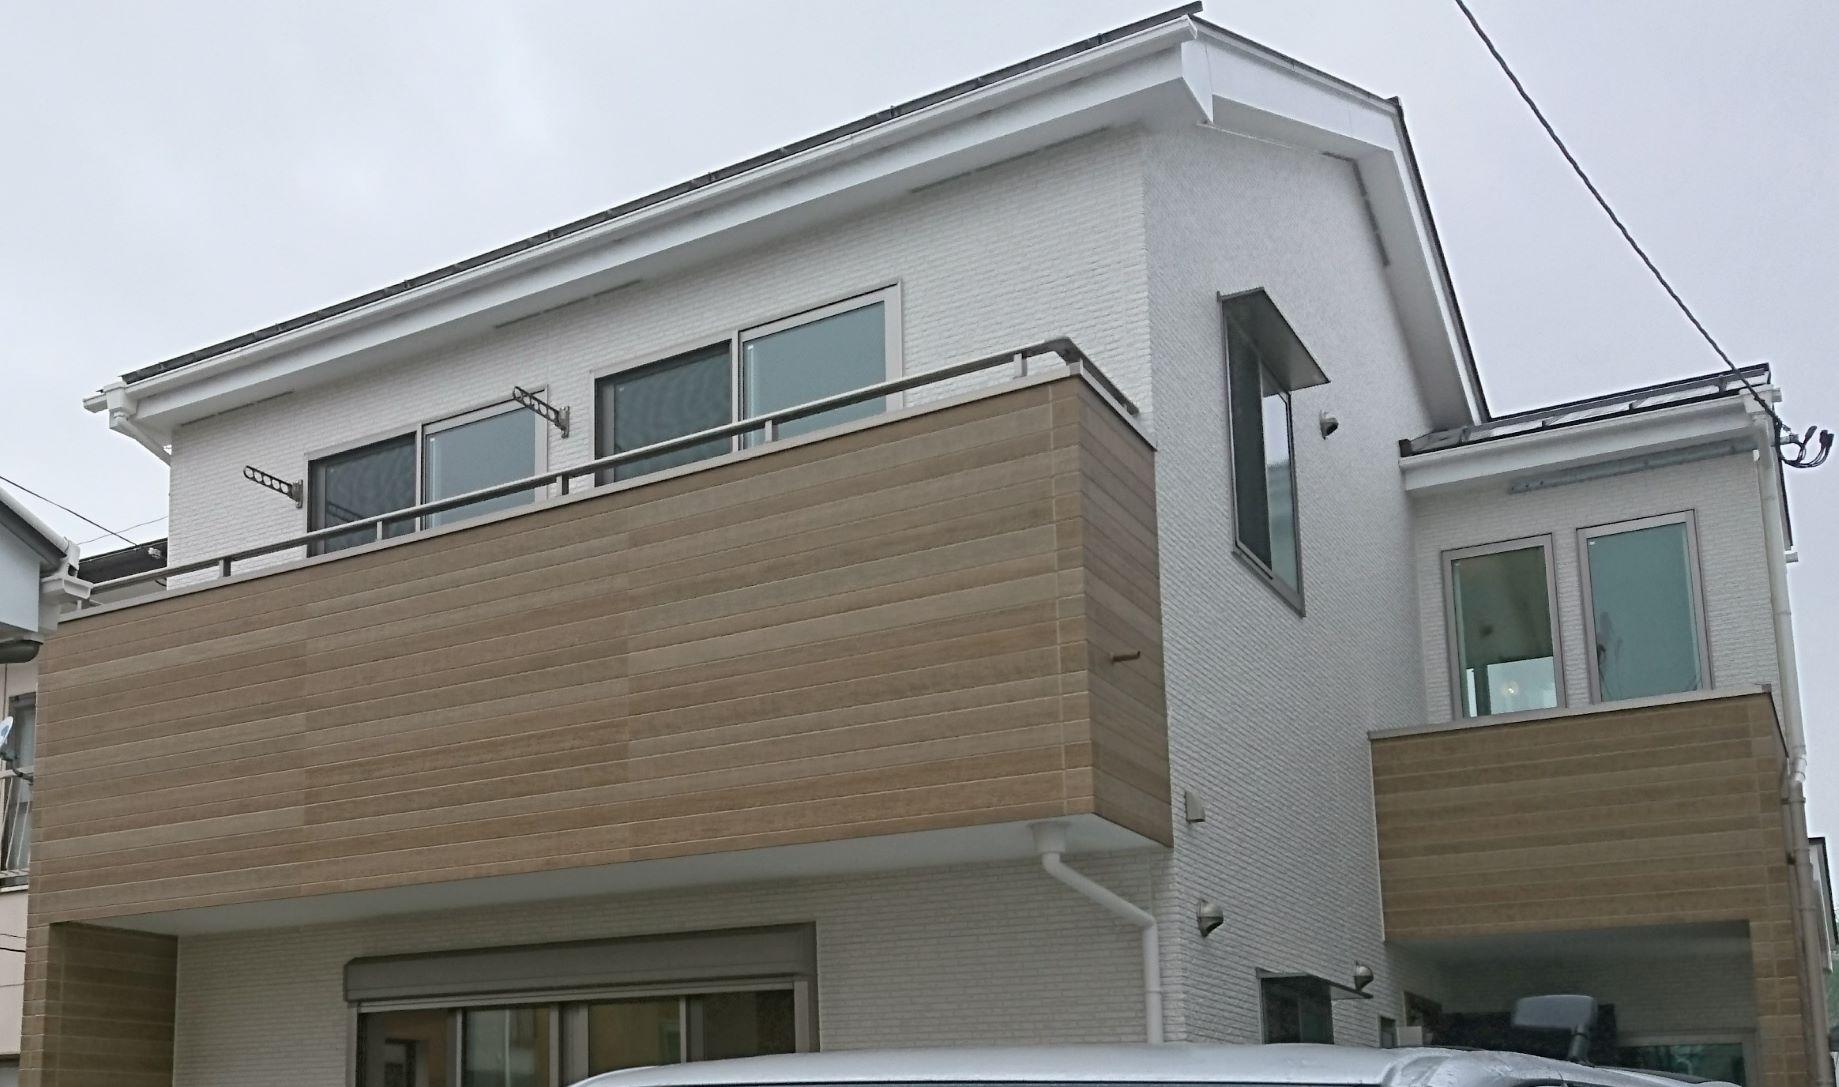 仙台市の戸建て住宅へUVフロアコーティングを施工